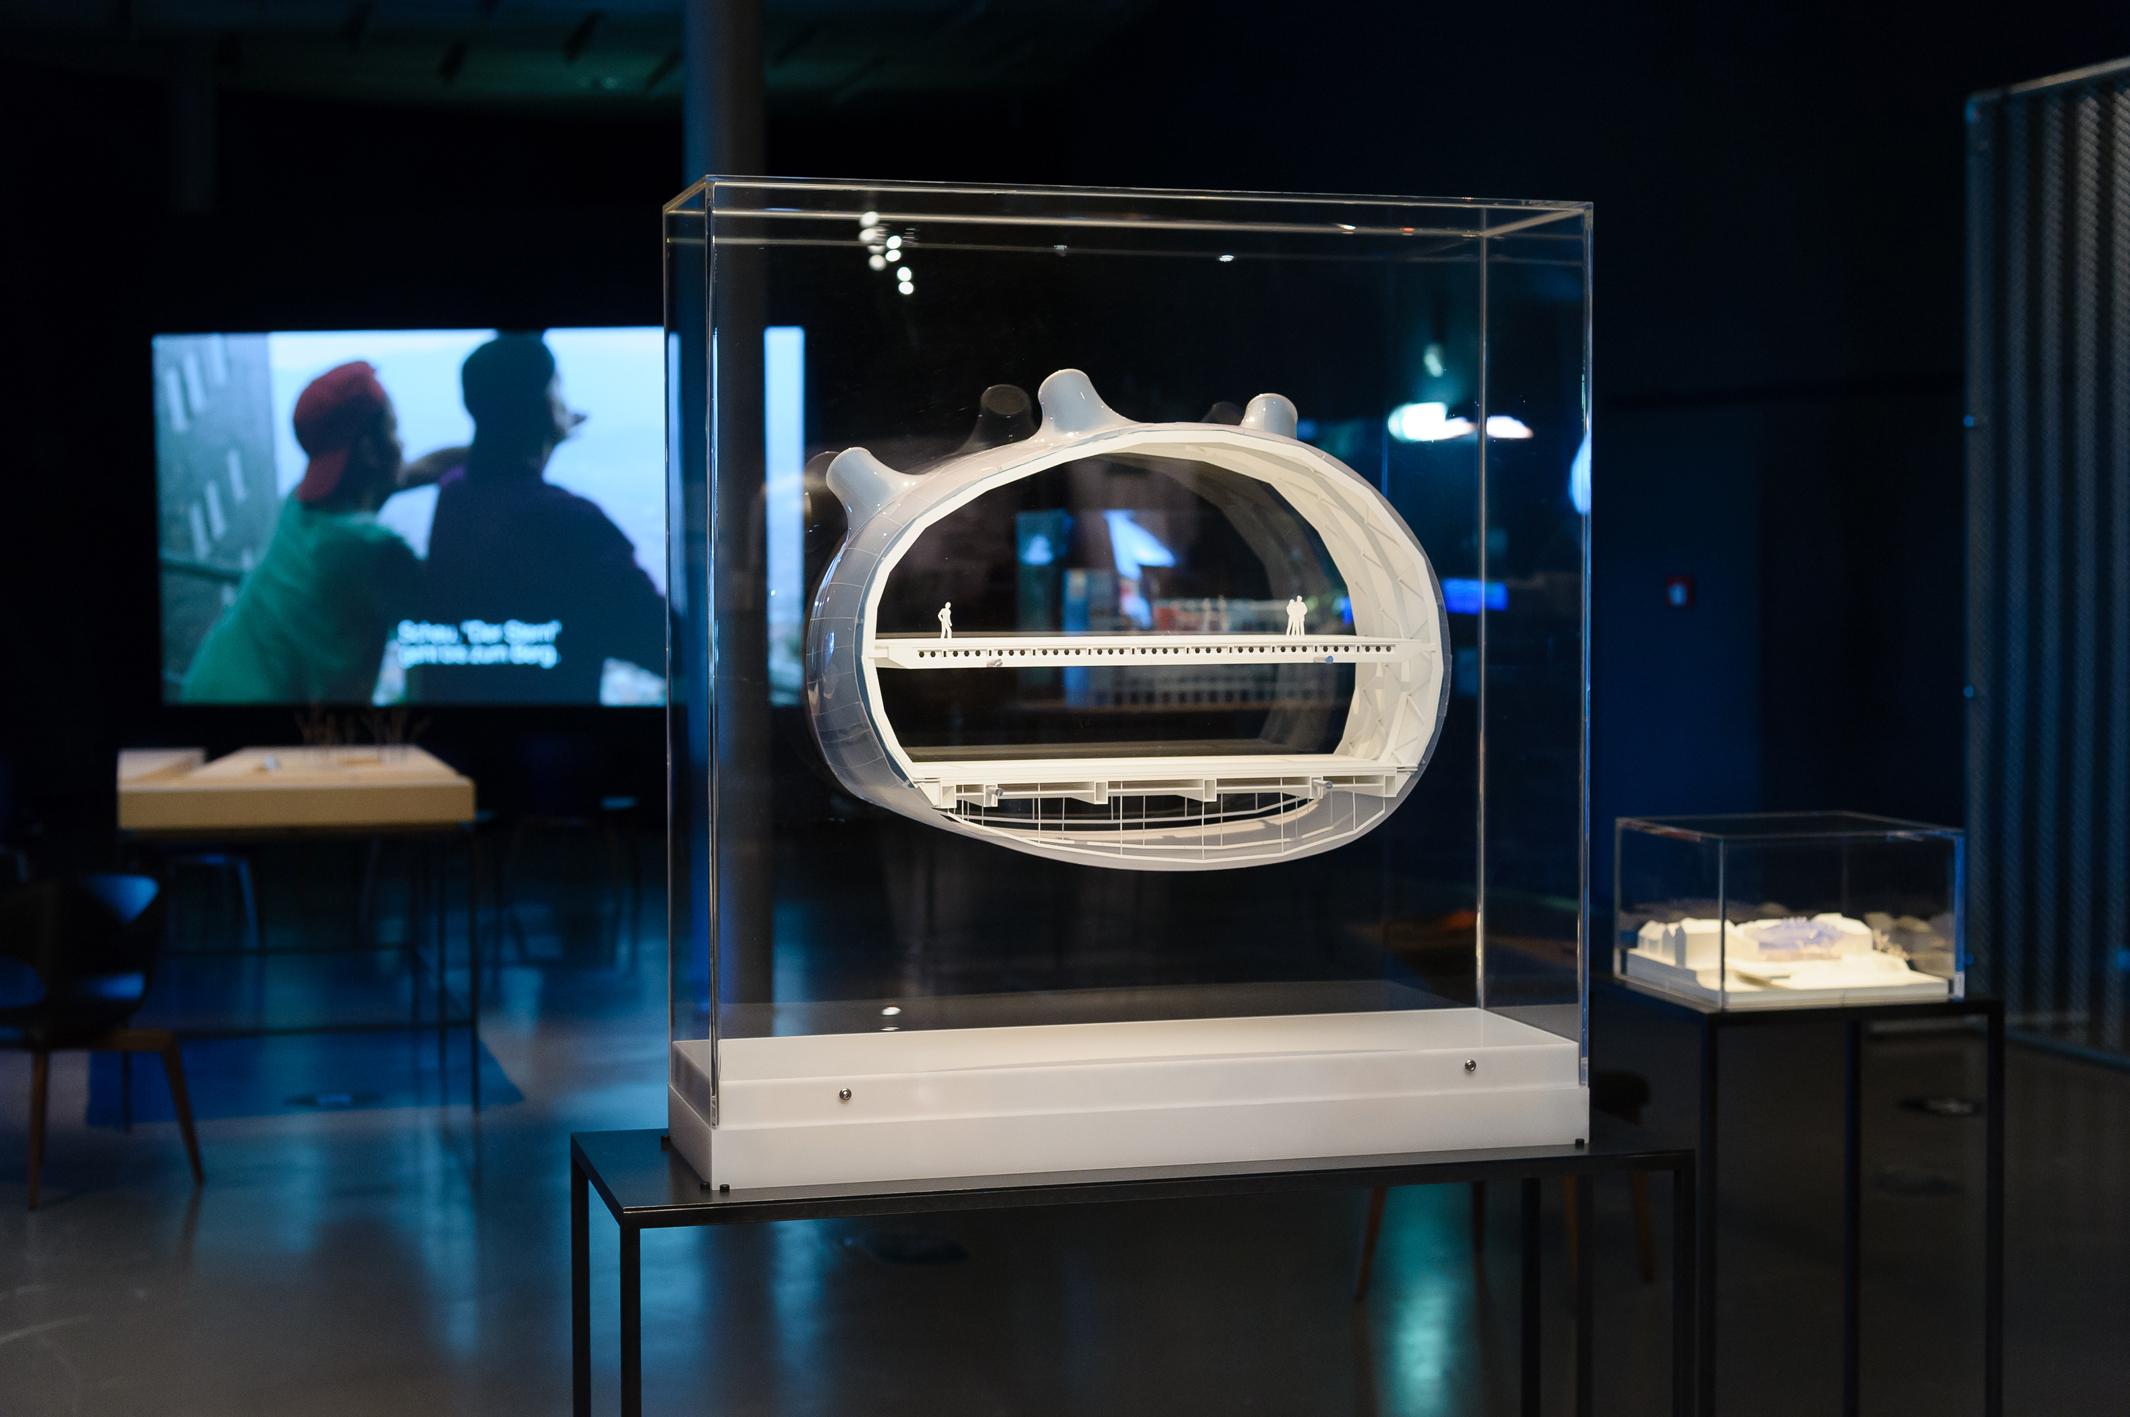 Schnitt, Modell des Kunsthaus Graz, Ausstellungsansicht, Kultur:Stadt, 2013, Foto: UMJ/N. Lackner